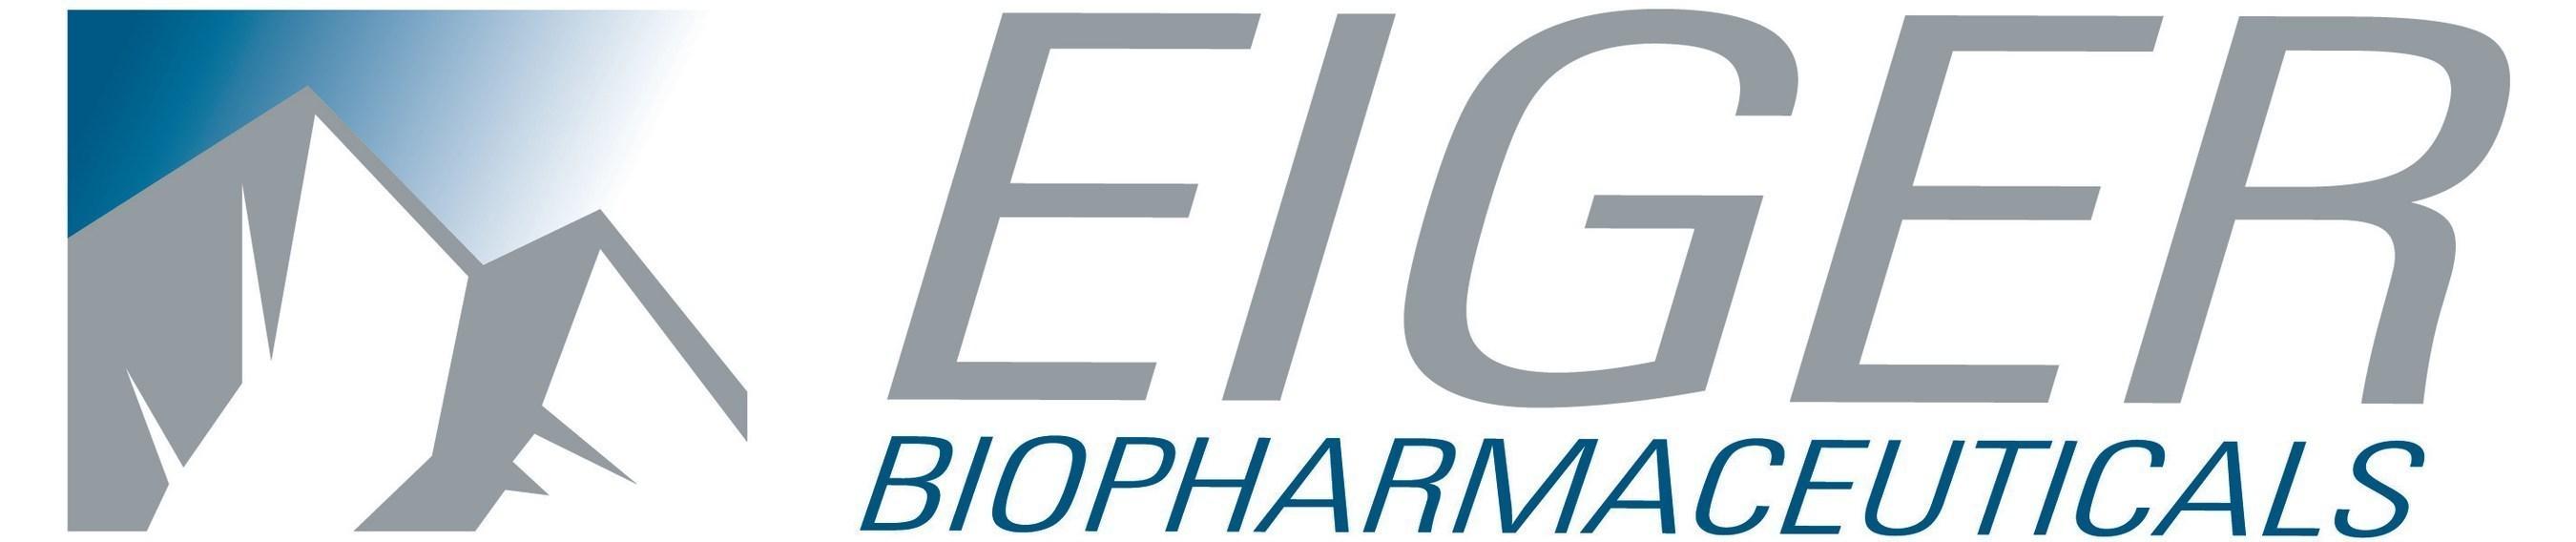 Eiger BioPharmaceuticals annonce la signature d'un accord de licence avec Nippon Kayaku pour la